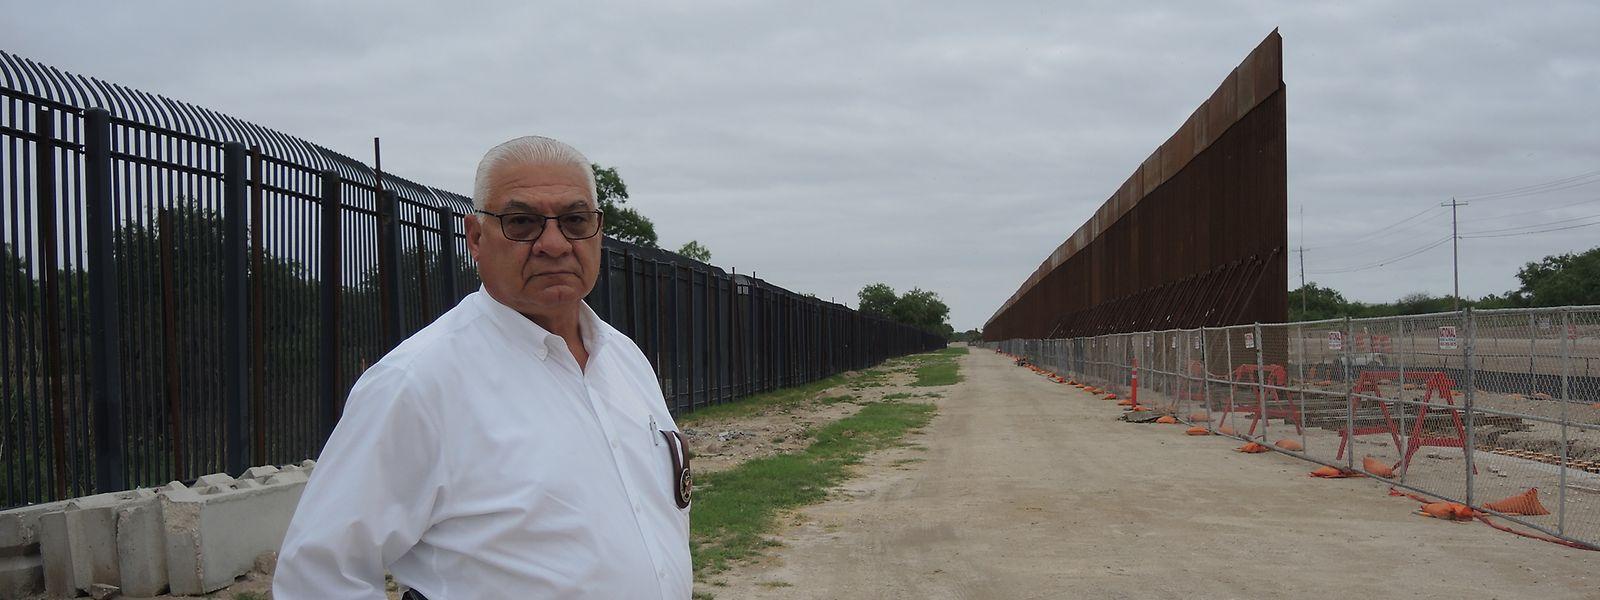 Sheriff Joe Frank Martínez vor einem größeren Zaunelement in Del Rio, das Teil des Mauerprojekts von Donald Trump ist.